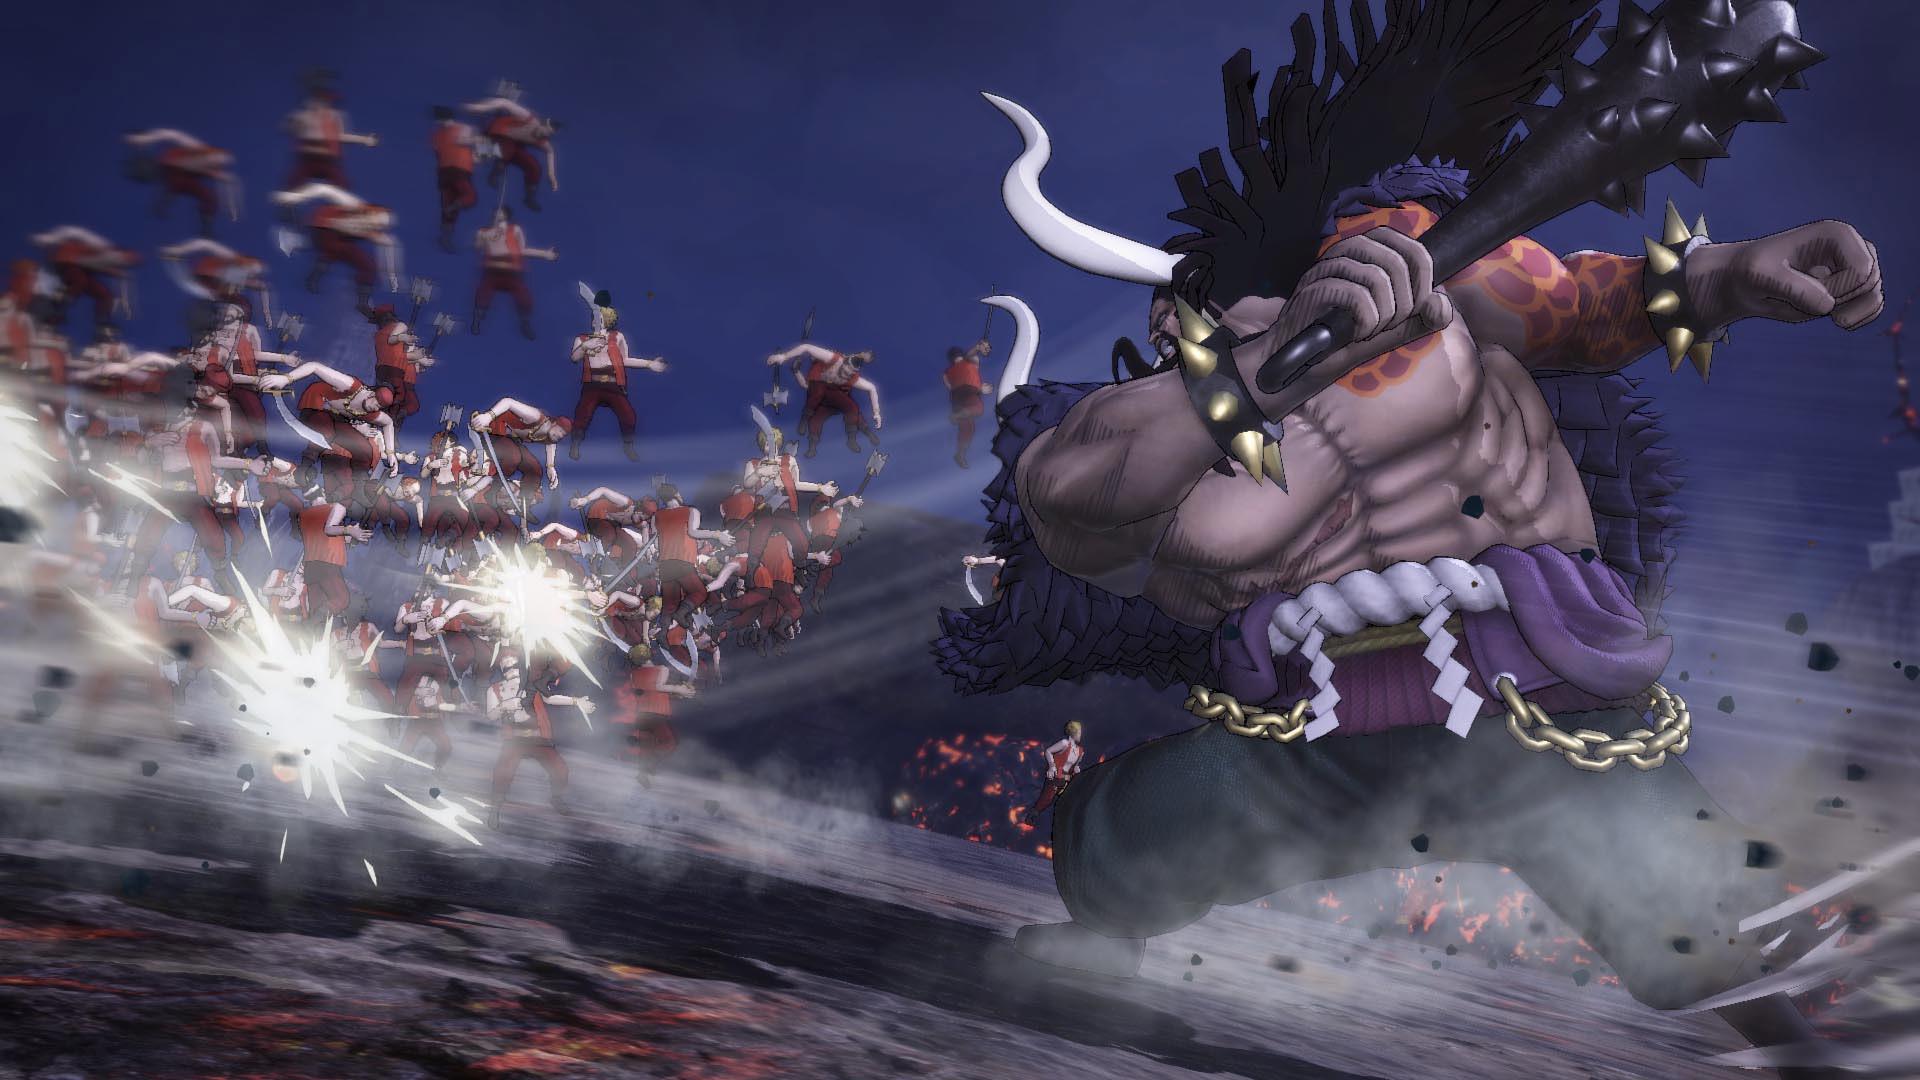 《海贼无双4》Steam版开启预购 售价298元3月27日发售